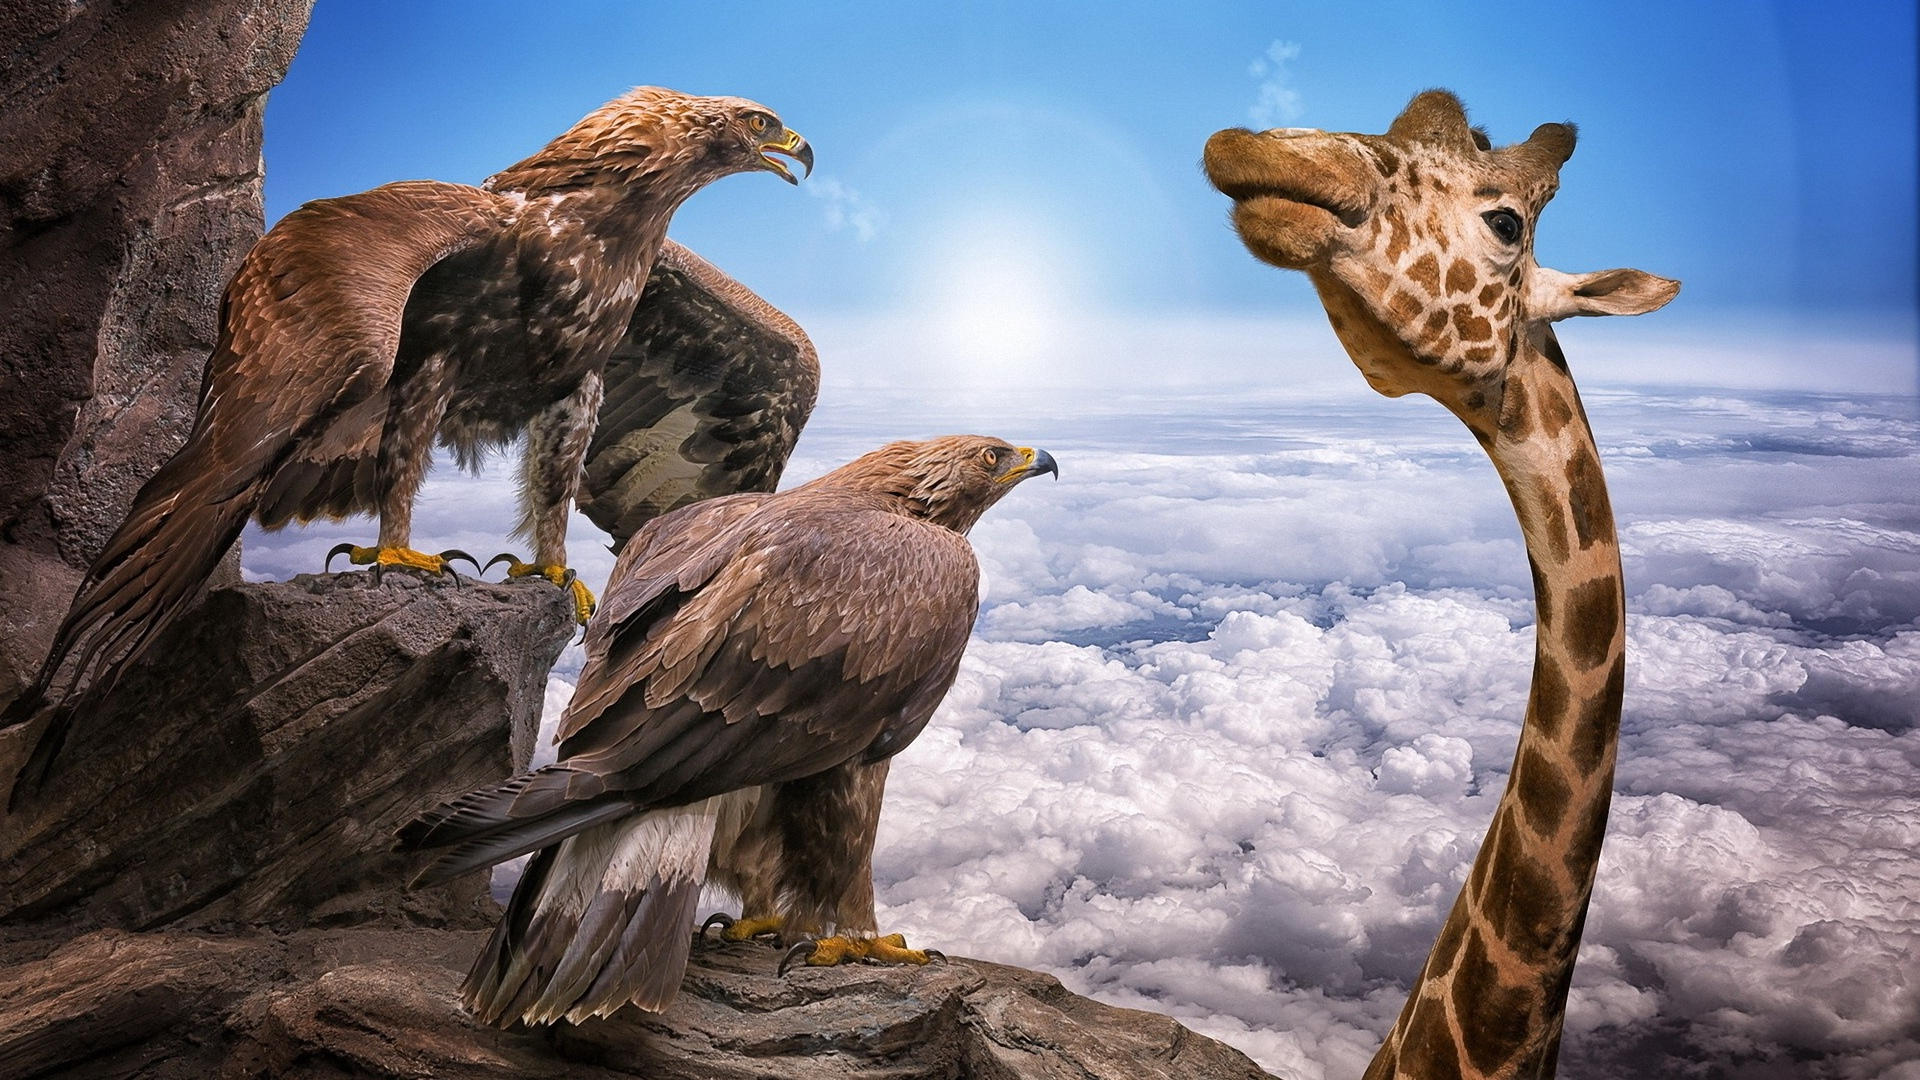 два, удивленных, орла, смотрят, на жирафа